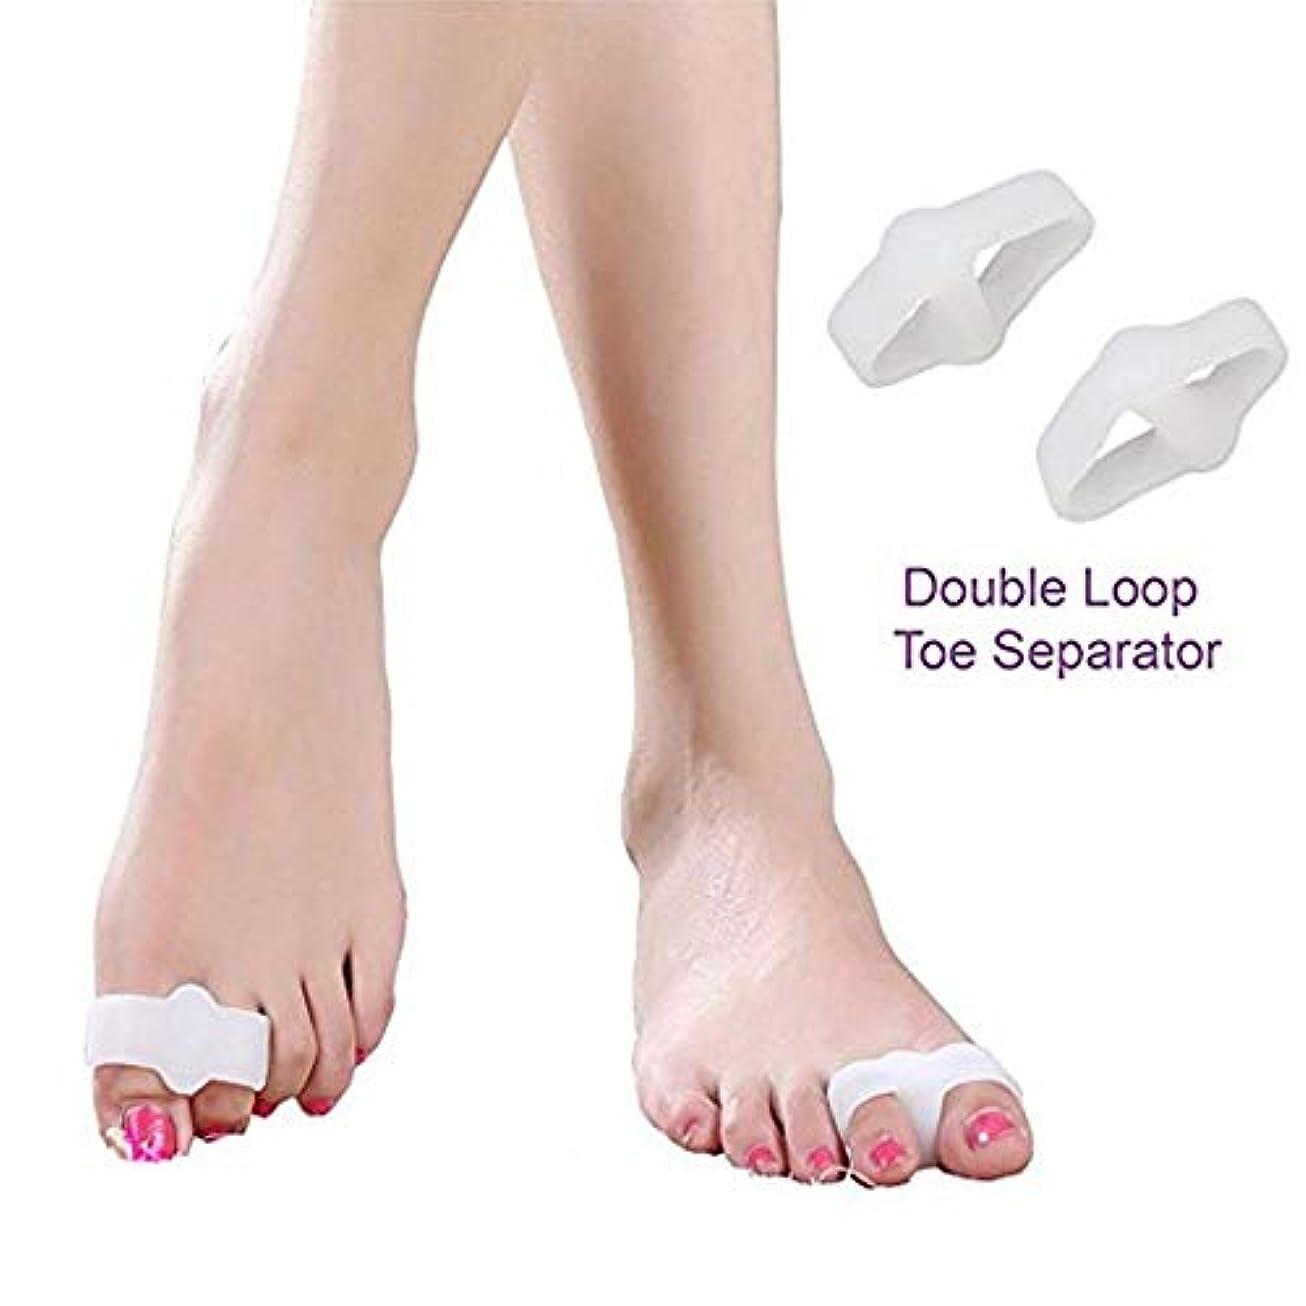 協定光沢のある原理外反母趾サポーター 親指矯正グッズ 厚型ジェルパッド 足指を広げる 痛み改善 快適歩行 靴下履ける 高品質シリコン制 伸縮性 通気性 男女兼用 [5組] おしゃれ 人気